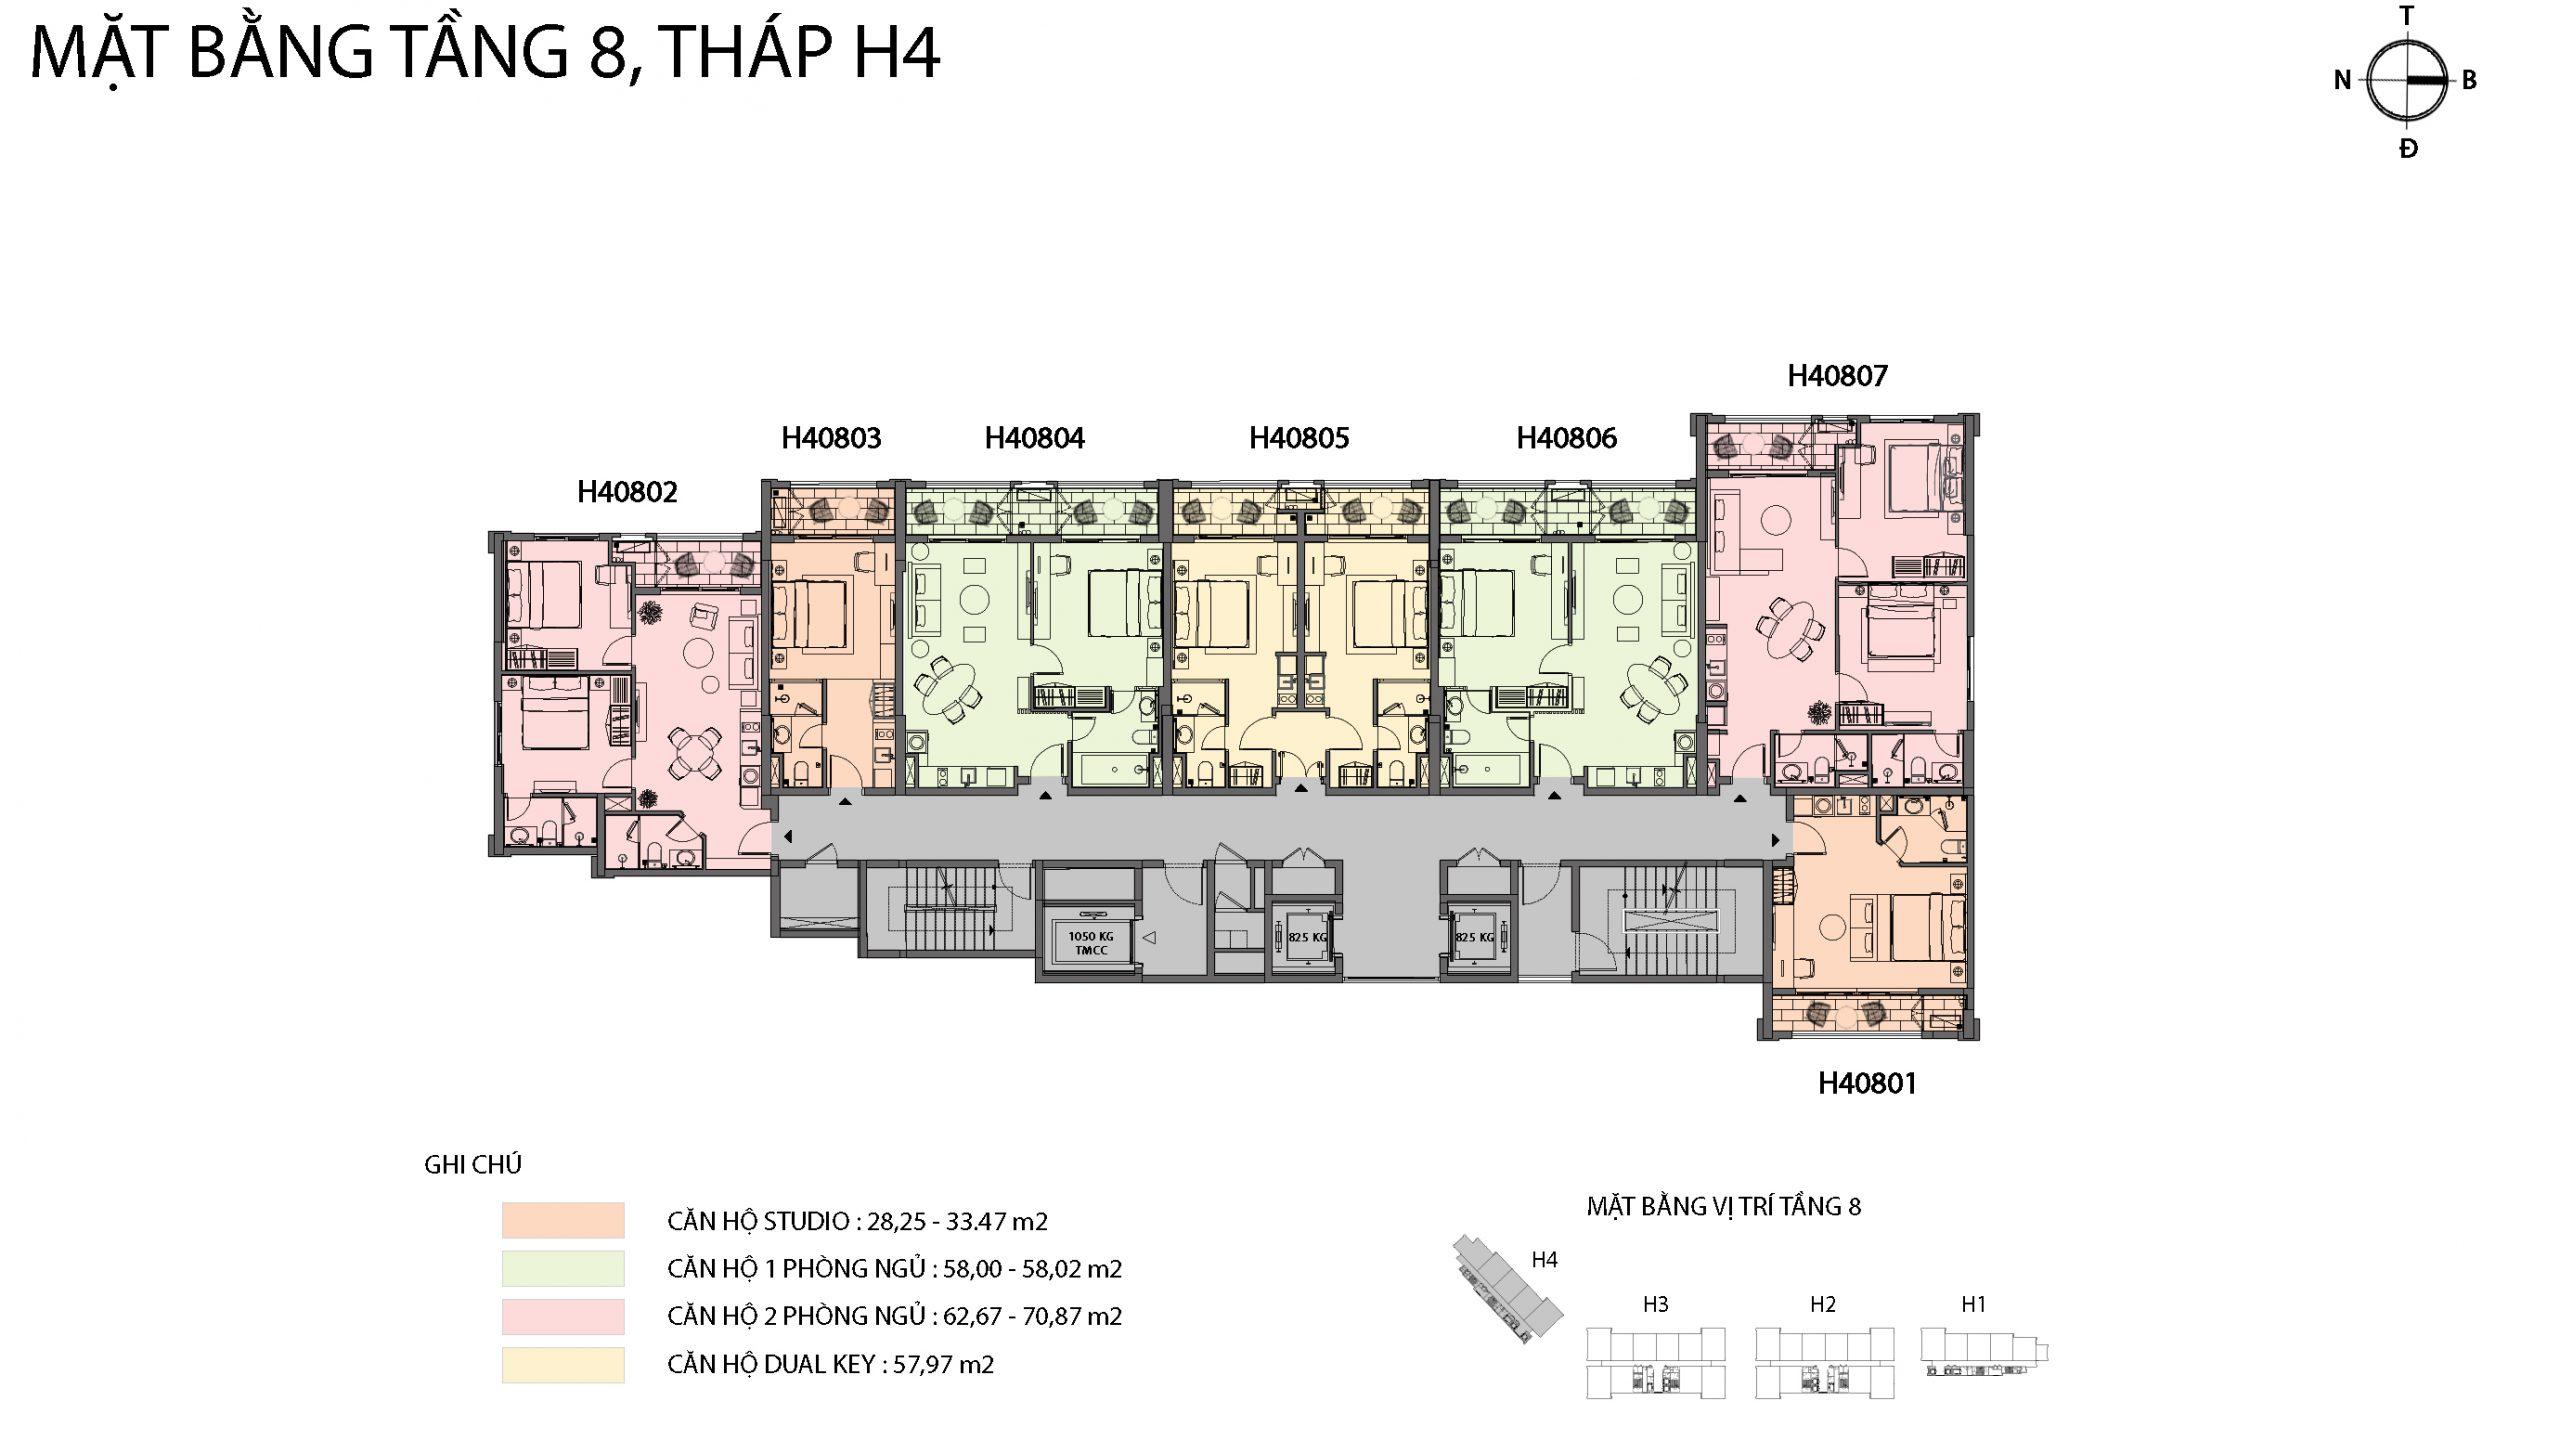 Mặt bằng chi tiết tòa căn hộ H4 - Sun Grand City Hillside Residence 6